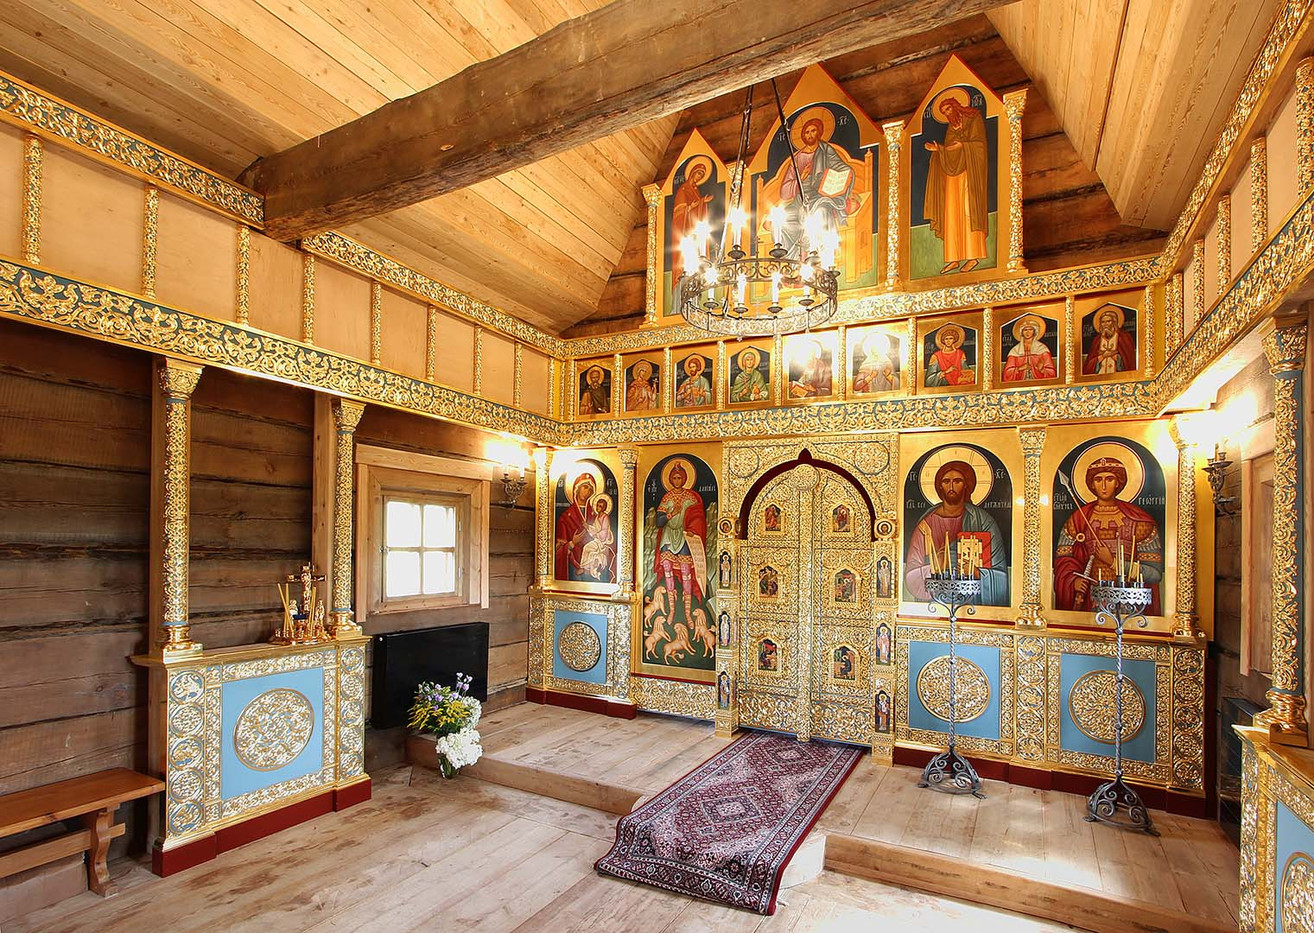 Kaitainen-interior-4.jpg